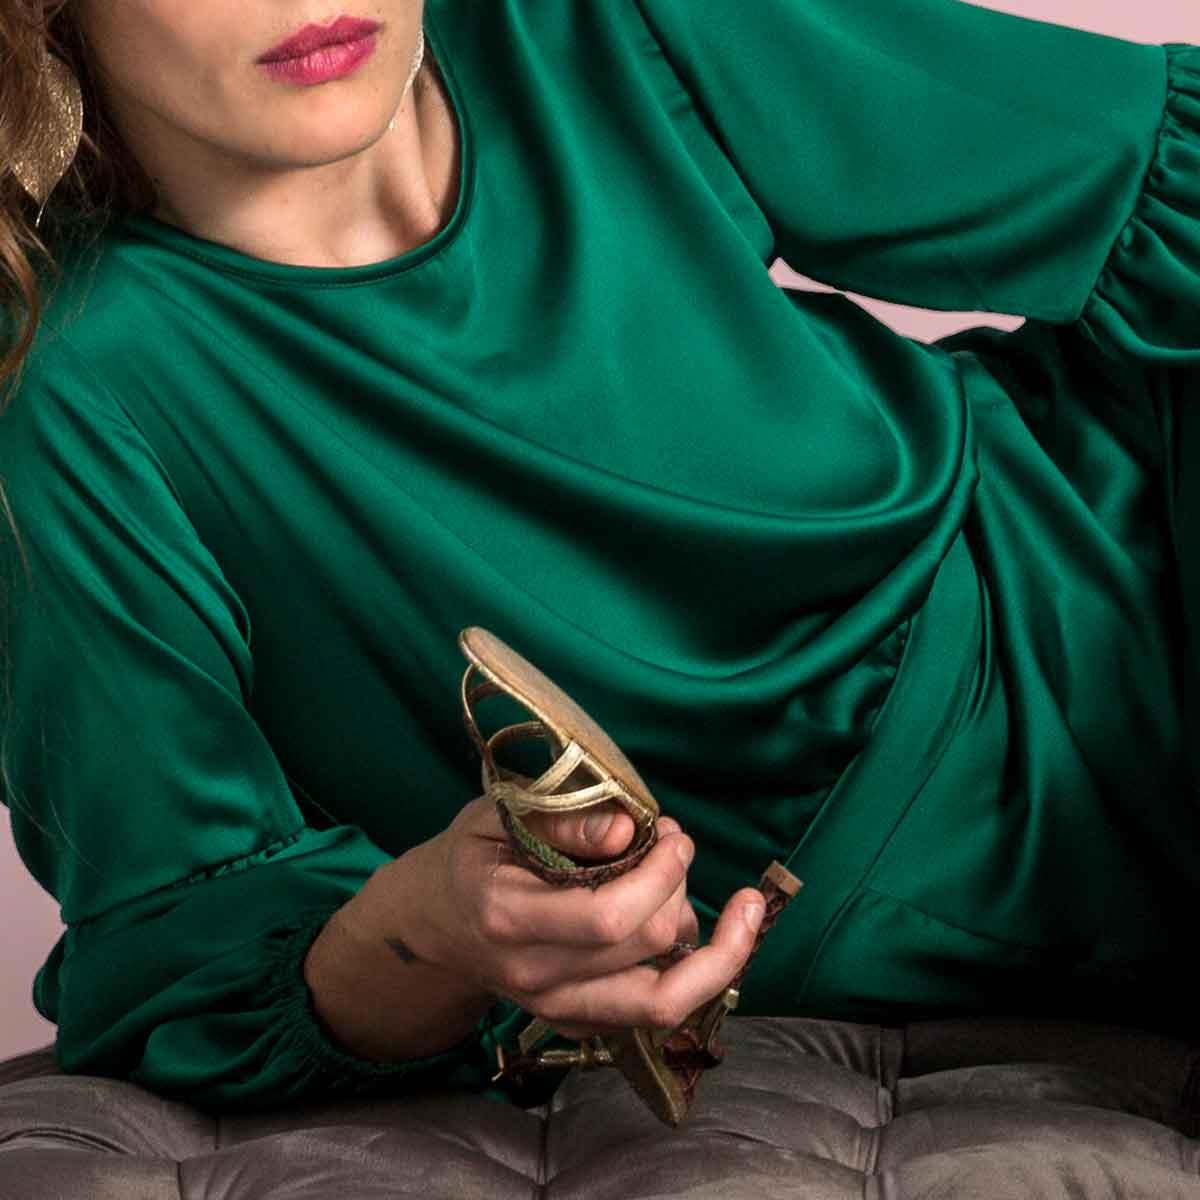 Gudnitz Copenhagen. AW31 Audrey Dress. Dress Up. Green Dress. Dresses. Party dress. Cocktail dress. Evening wear. Dinner dress. Party dress. Designer dress. Casual dress